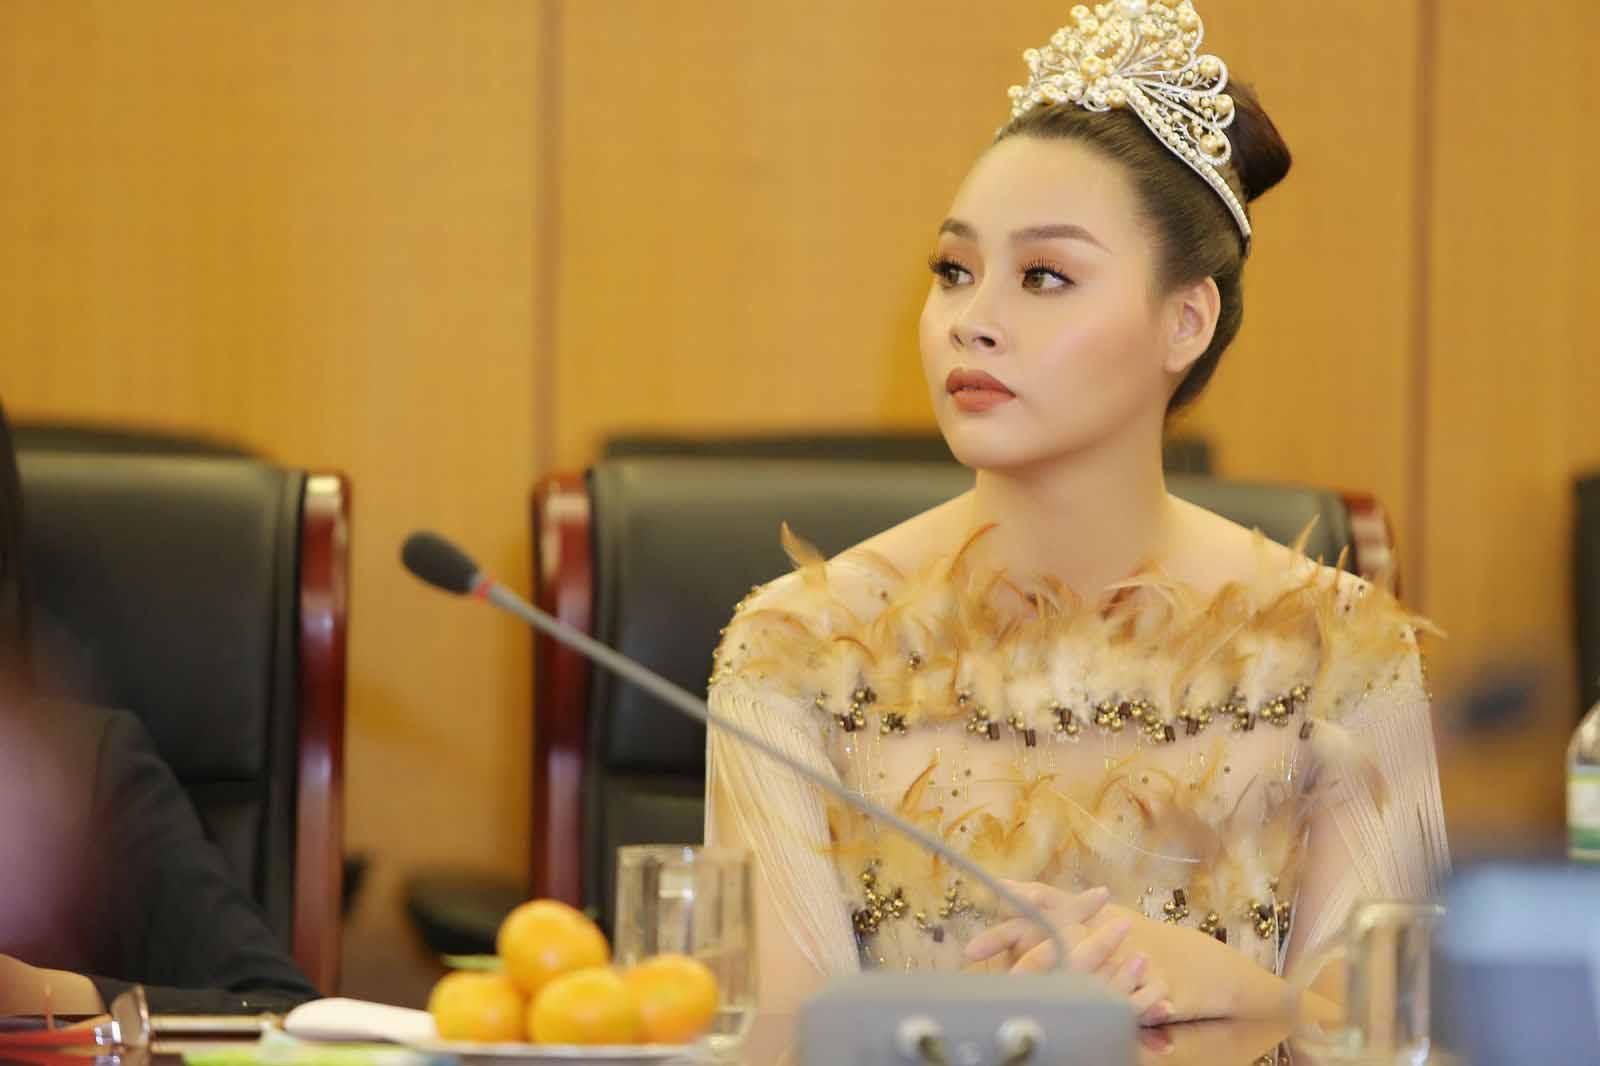 Hoa hậu Biển Thùy Trang vinh dự nhận danh hiệu 'Đại sứ môi trường'